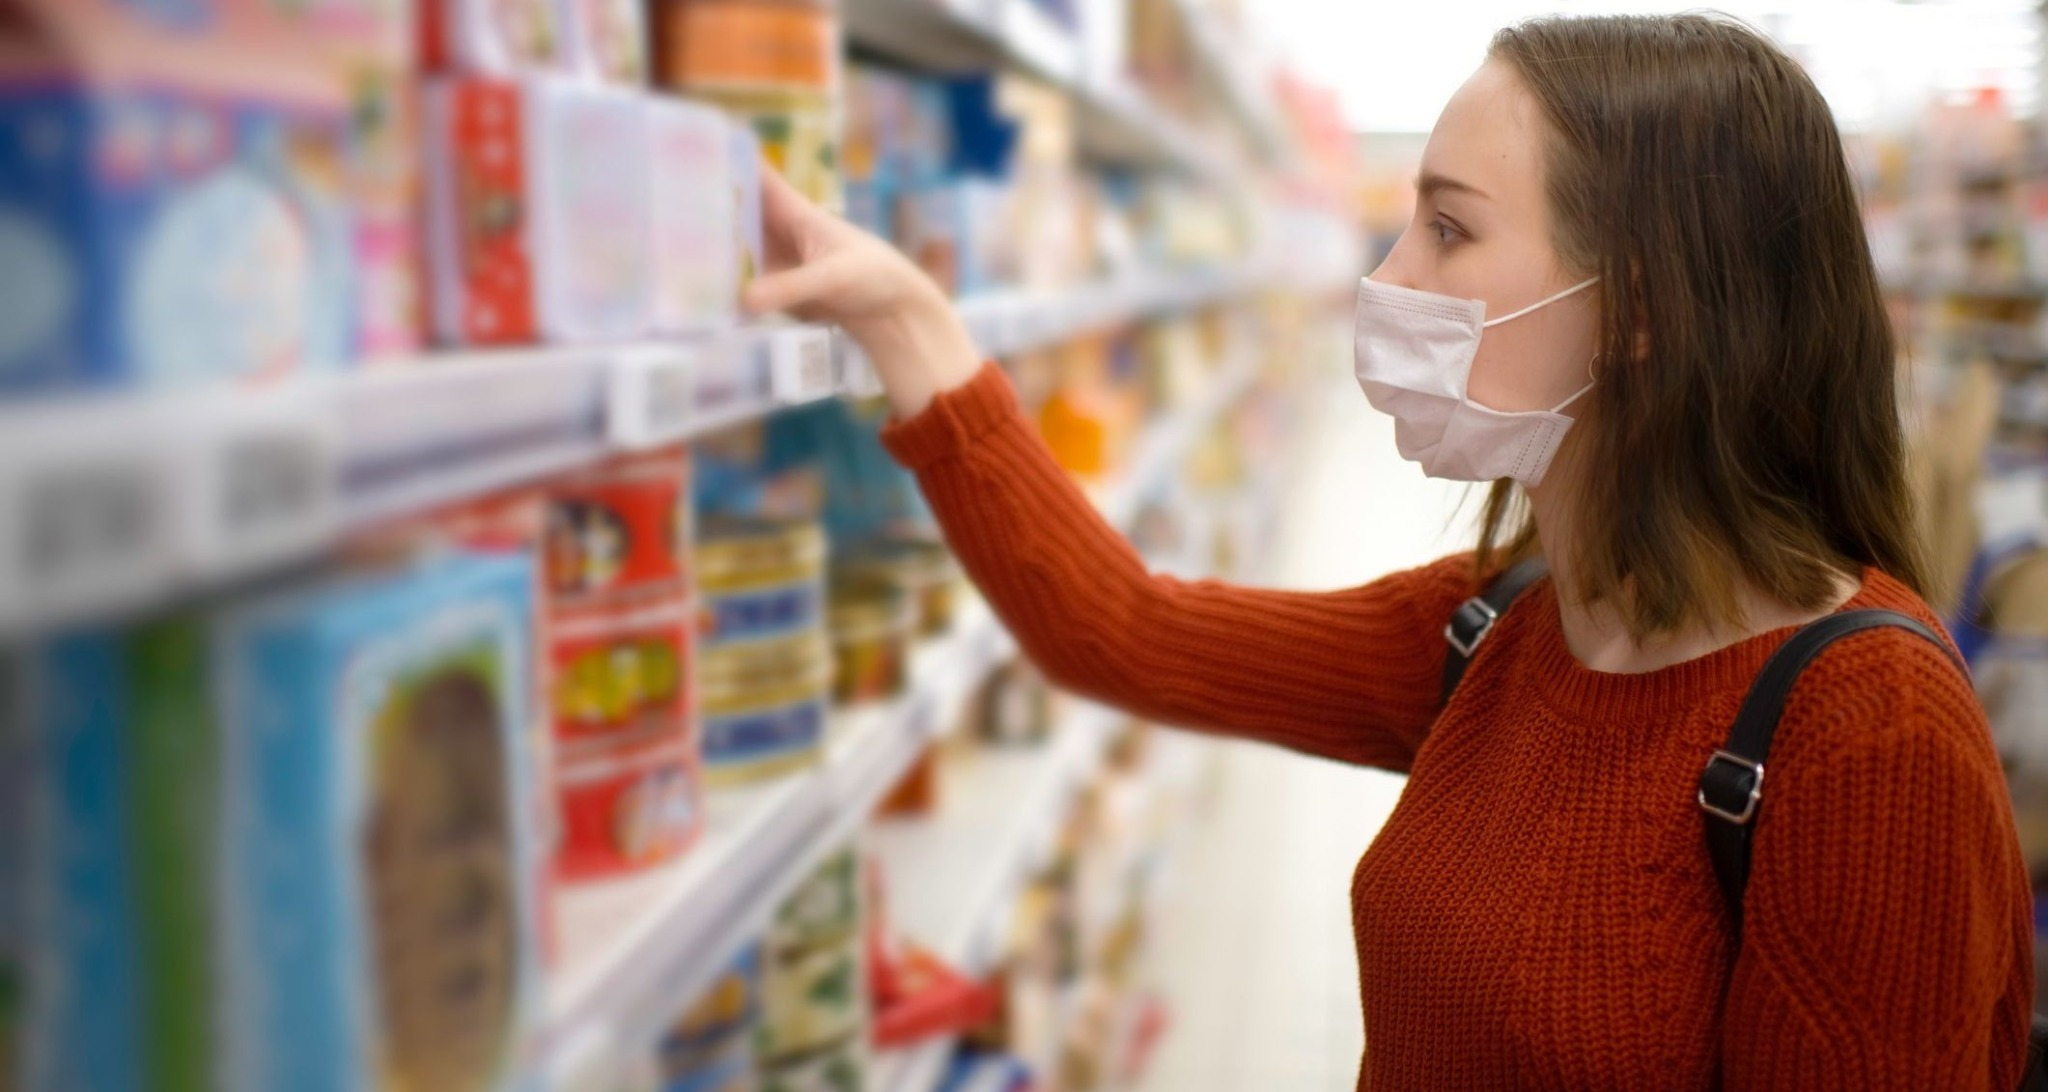 Роскачество: основные  тренды в потреблении после пандемии